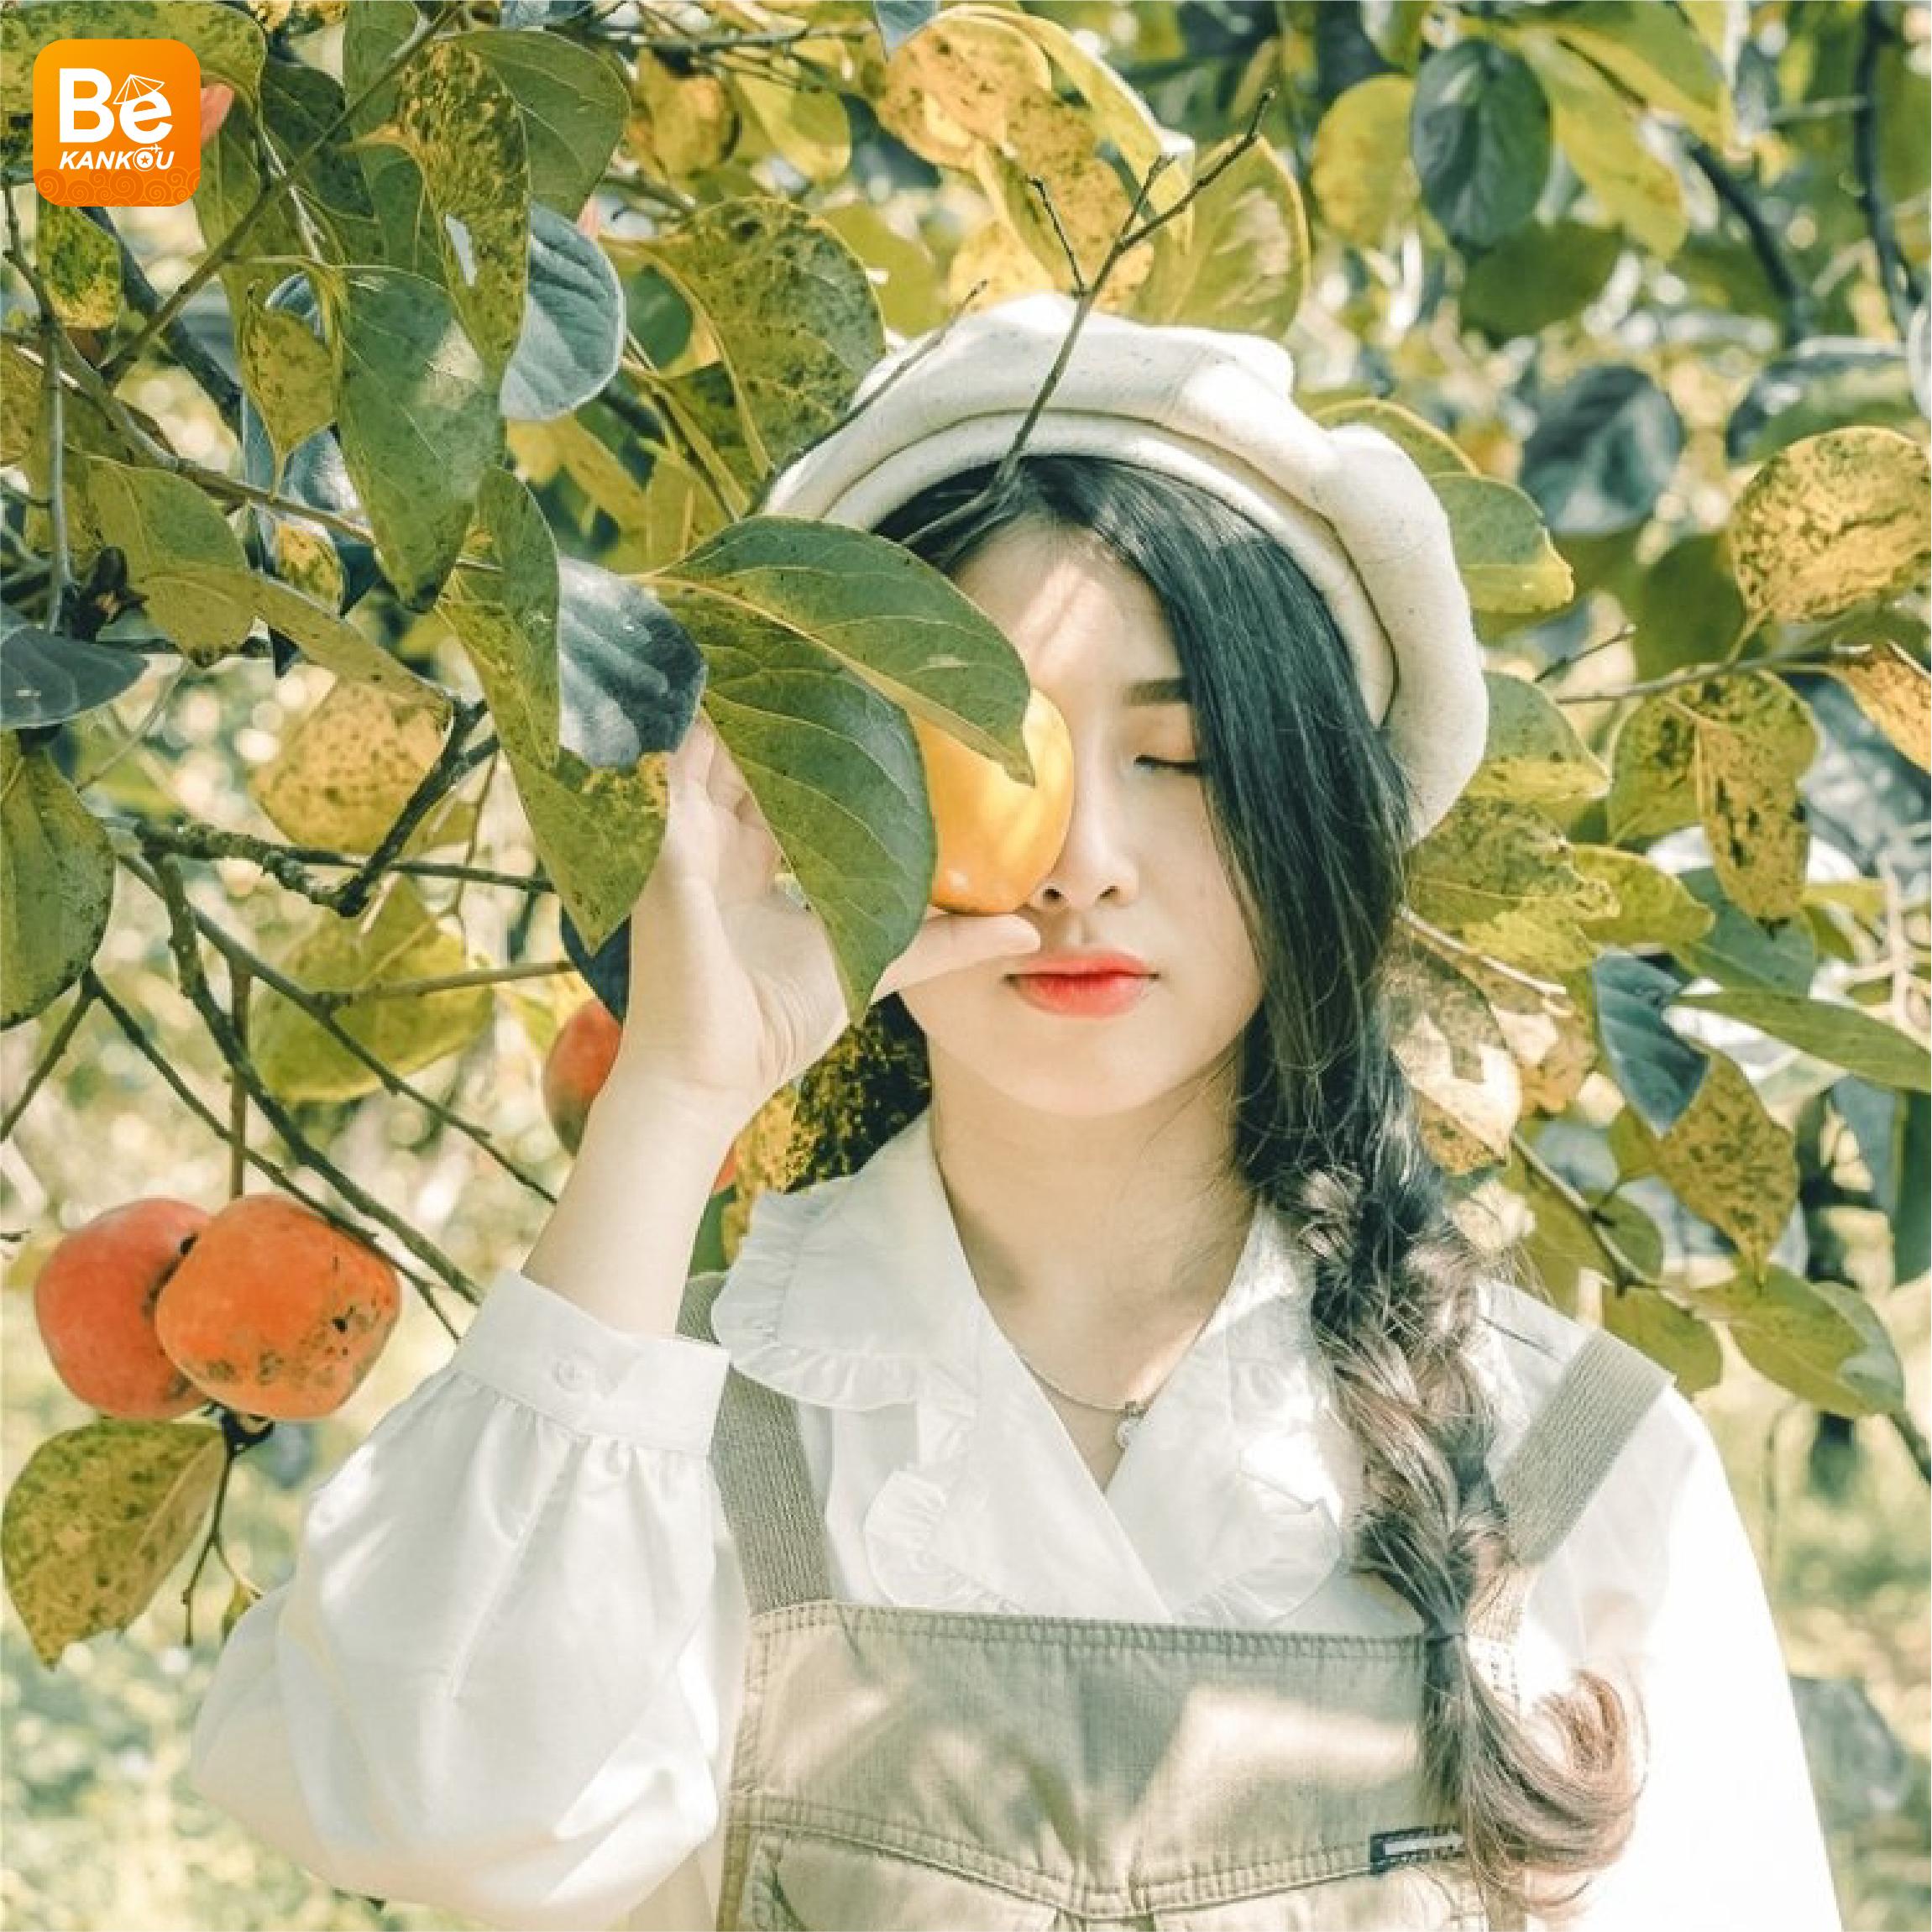 ダラットの「妖精の楽園のような柿畑」-220